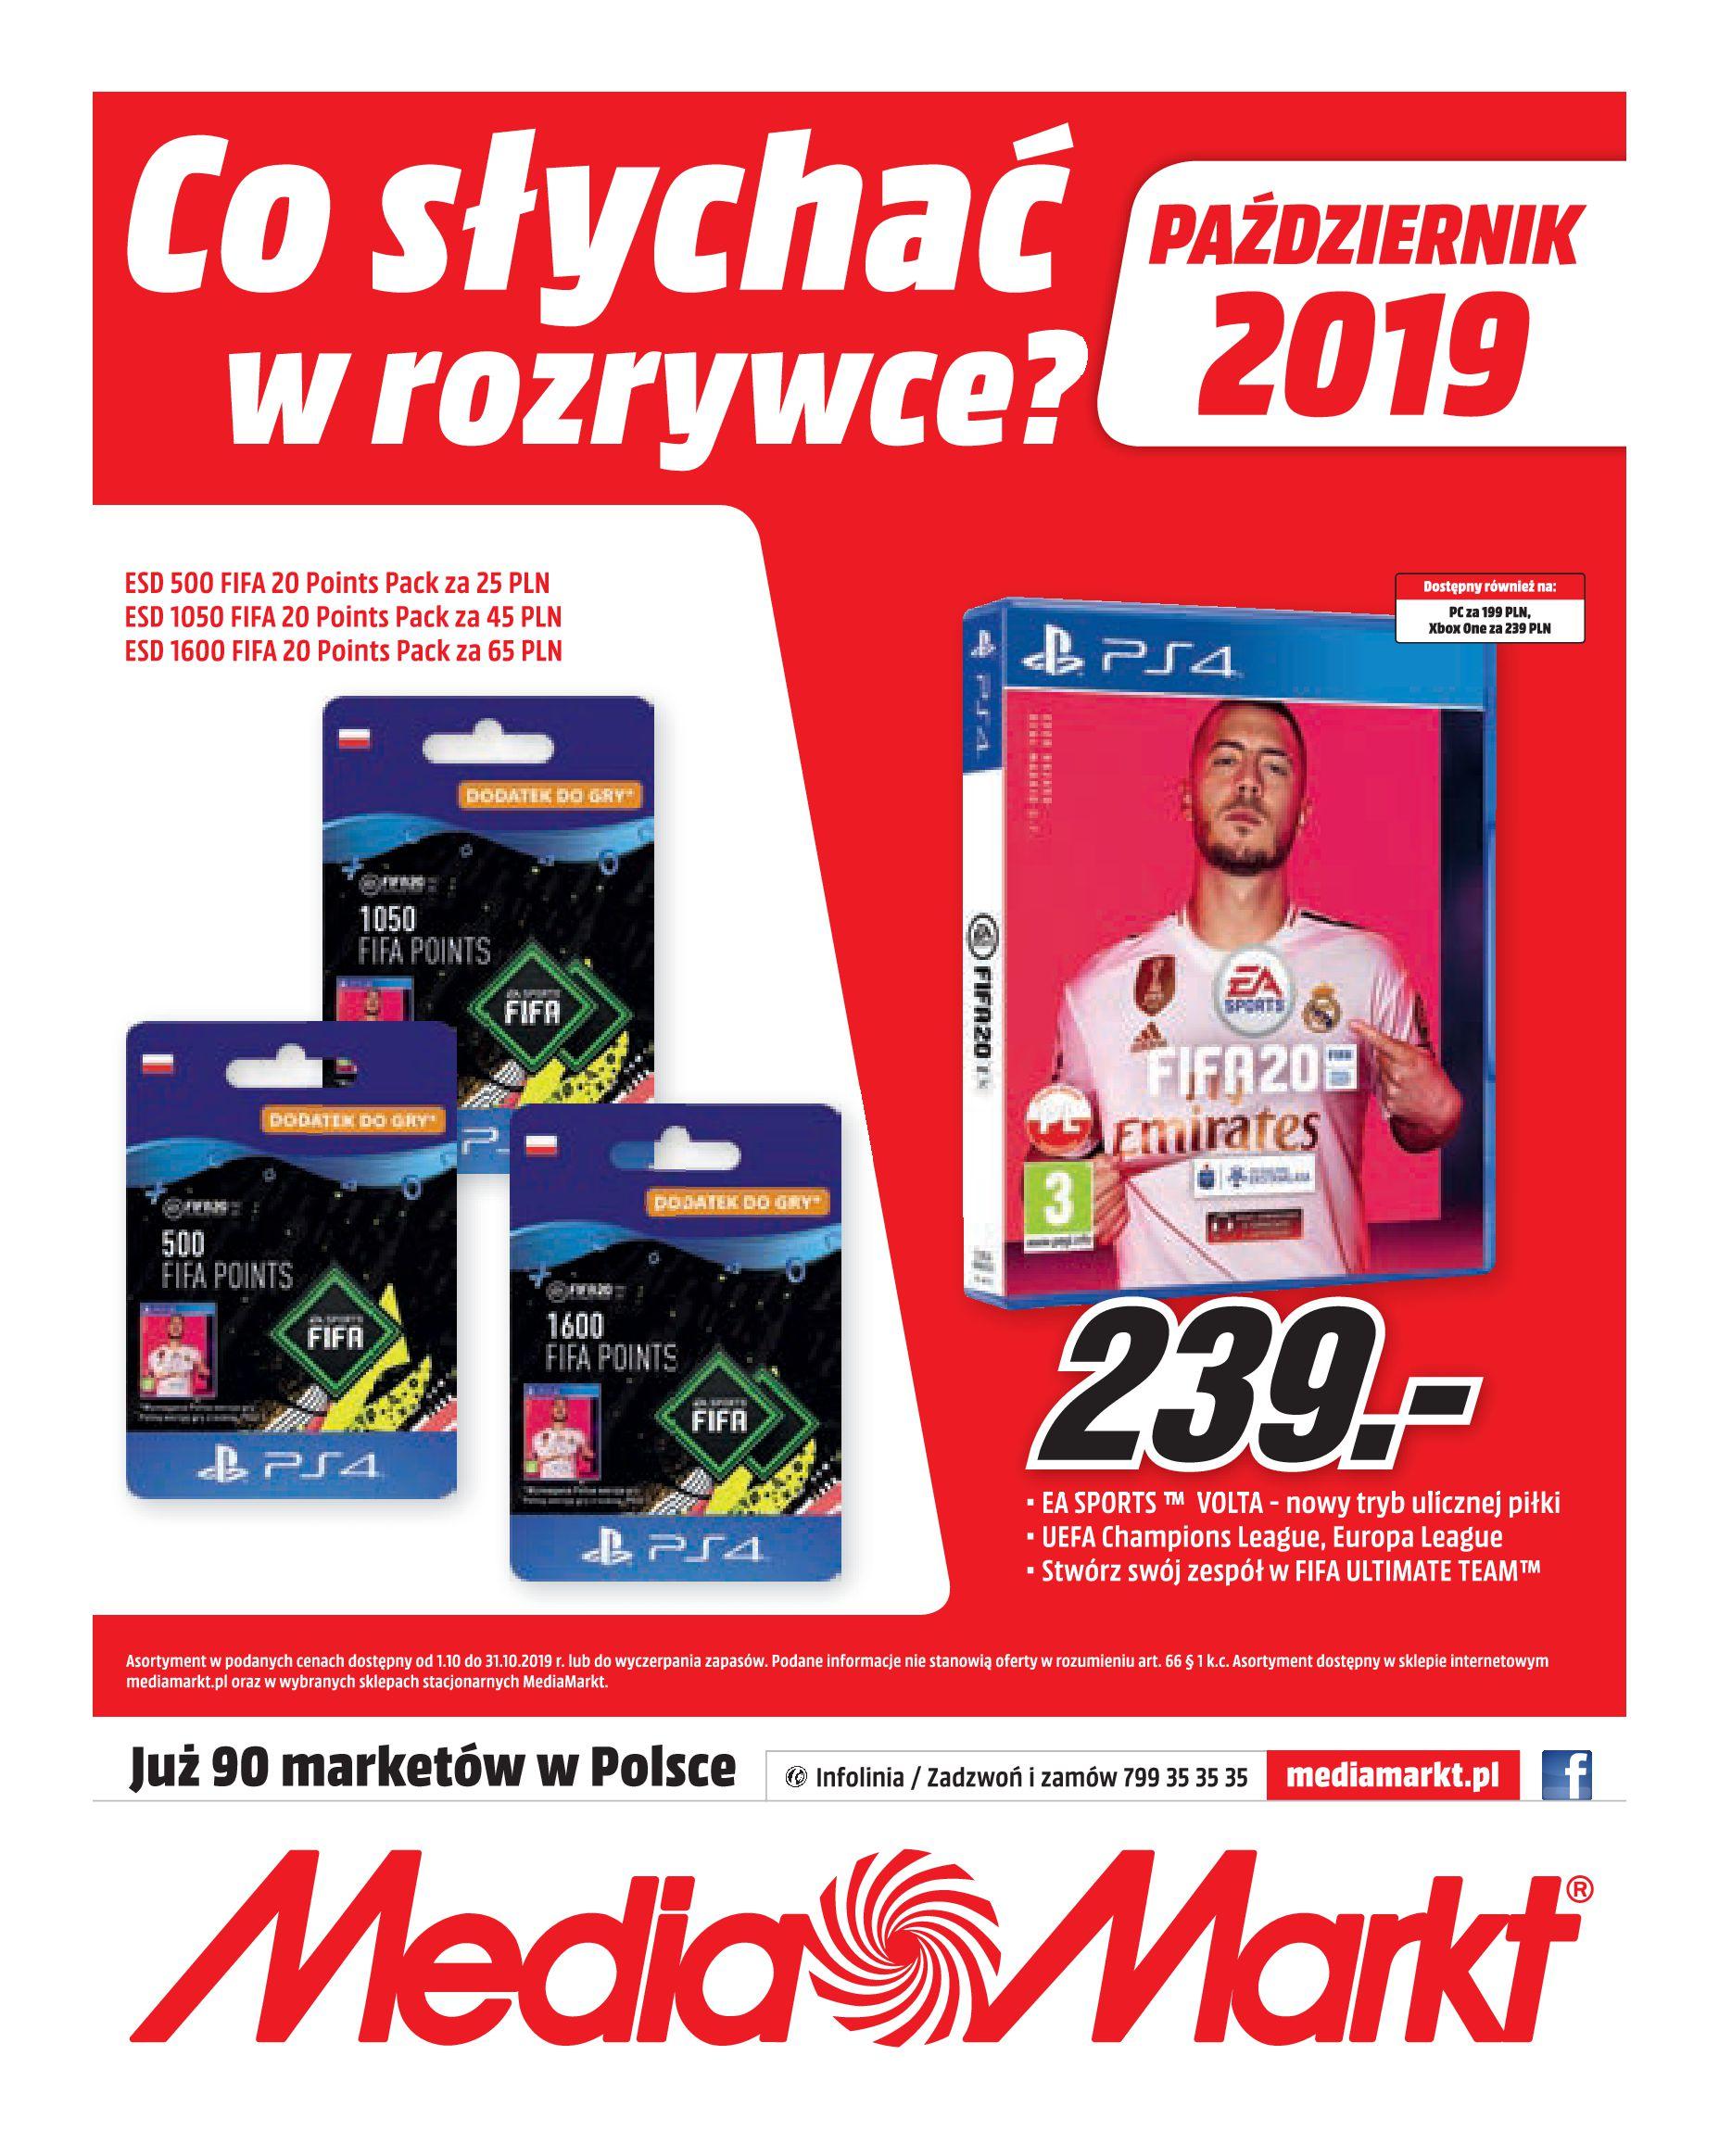 Gazetka Media Markt - Co słychać w rozrywce?-30.09.2019-31.10.2019-page-20